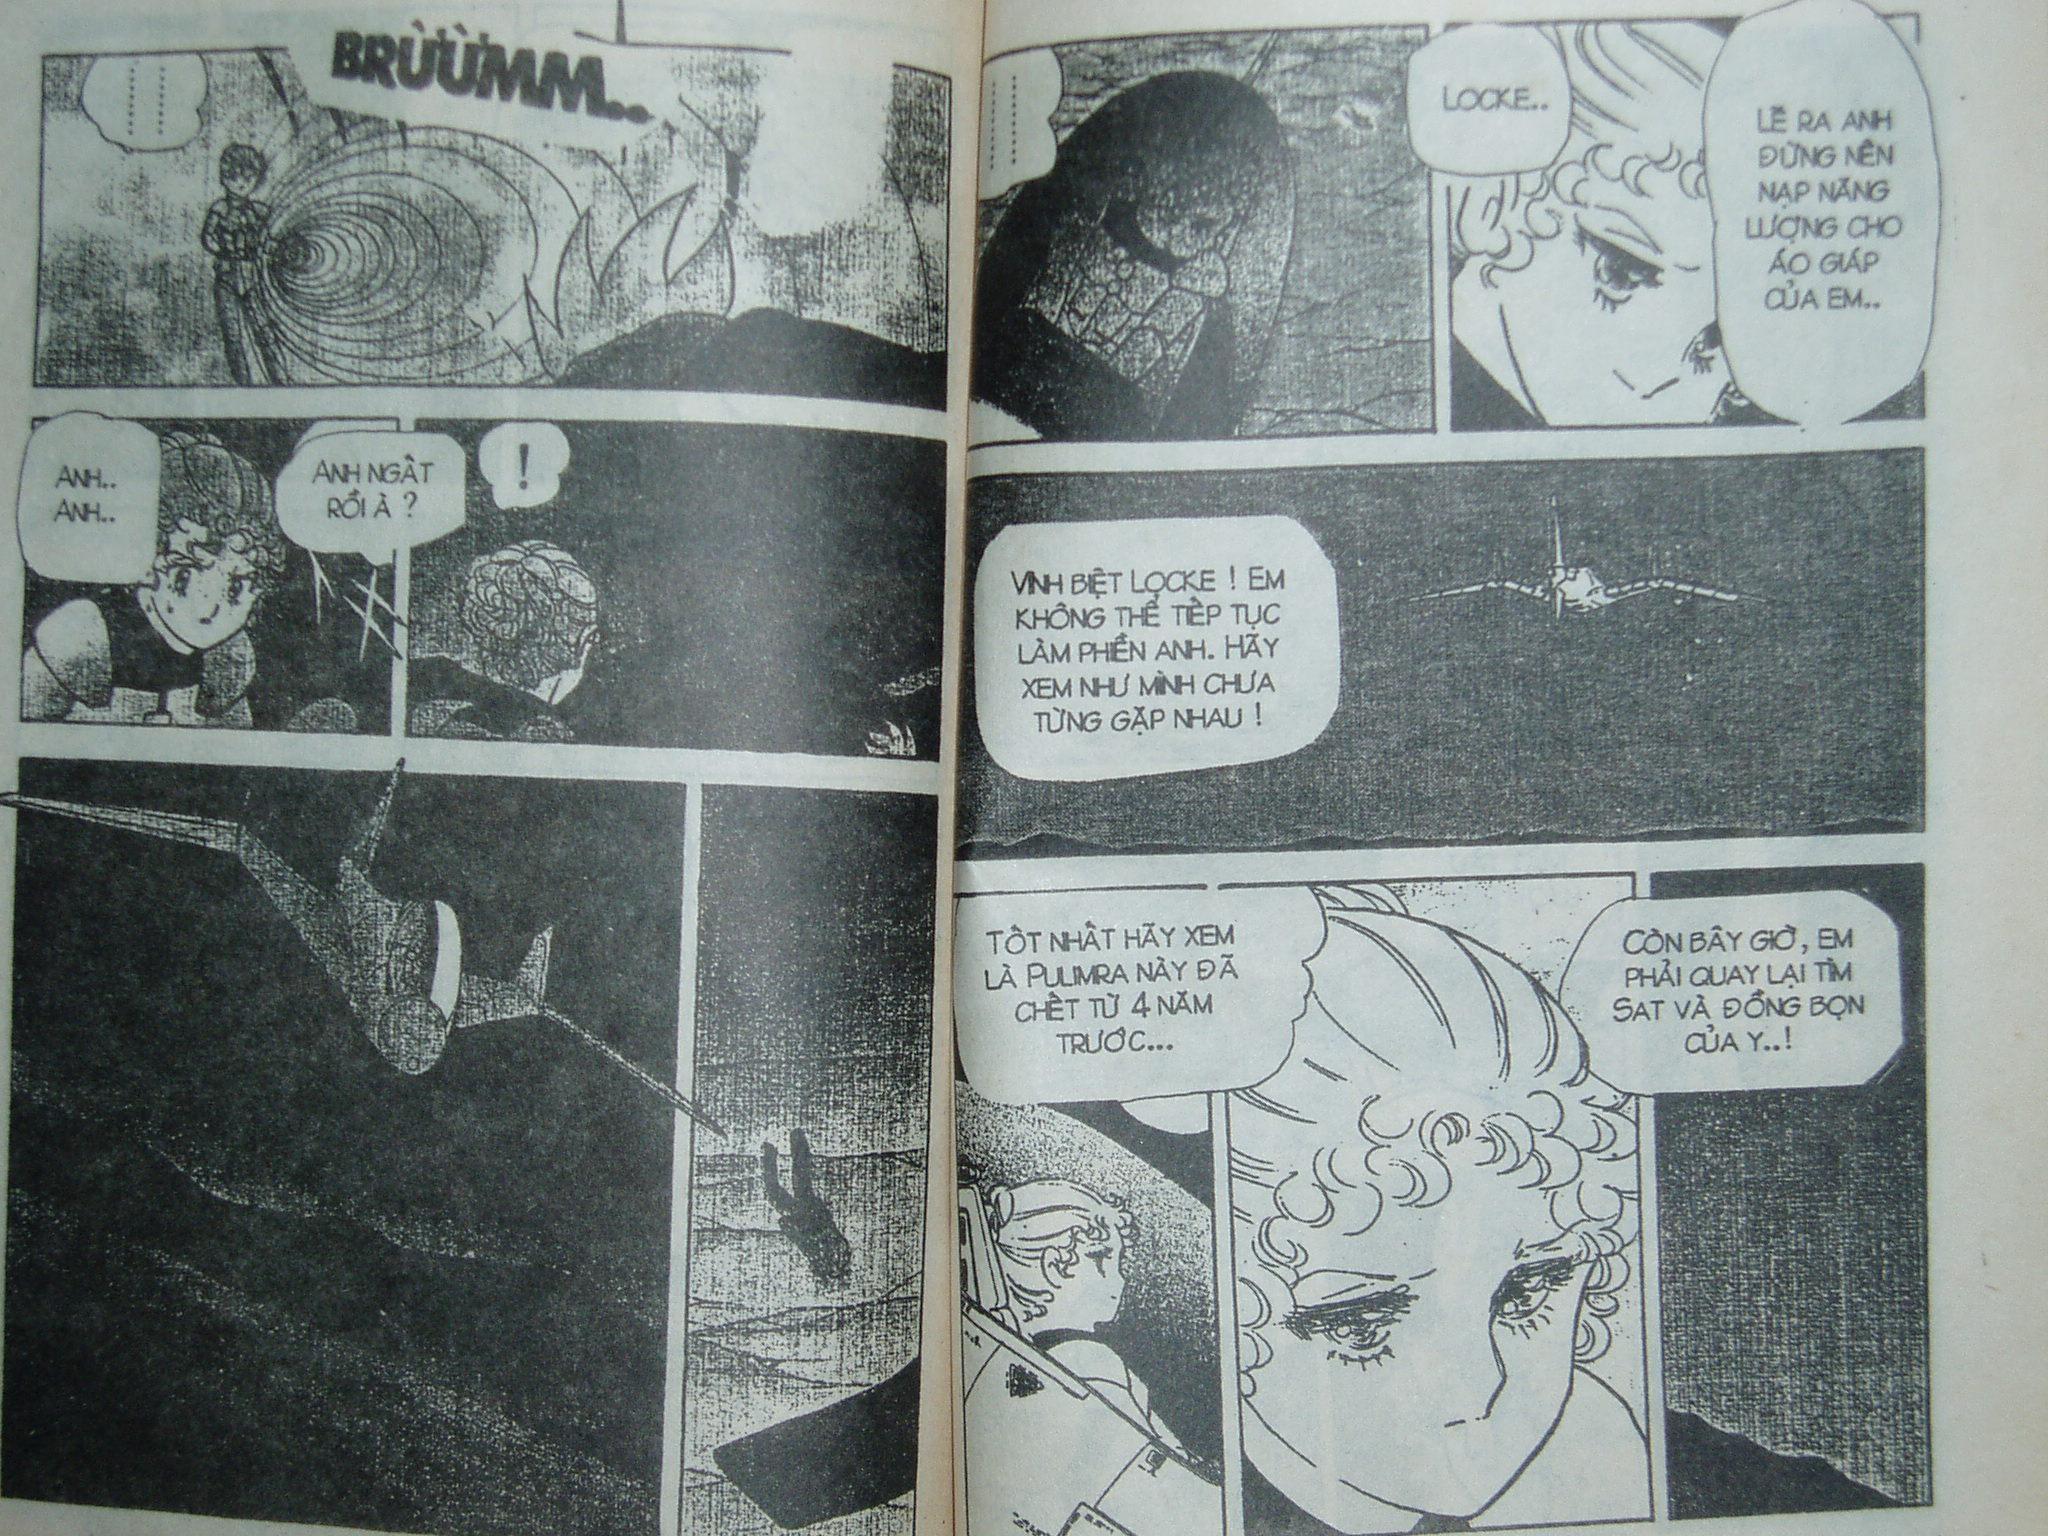 Siêu nhân Locke vol 16 trang 60